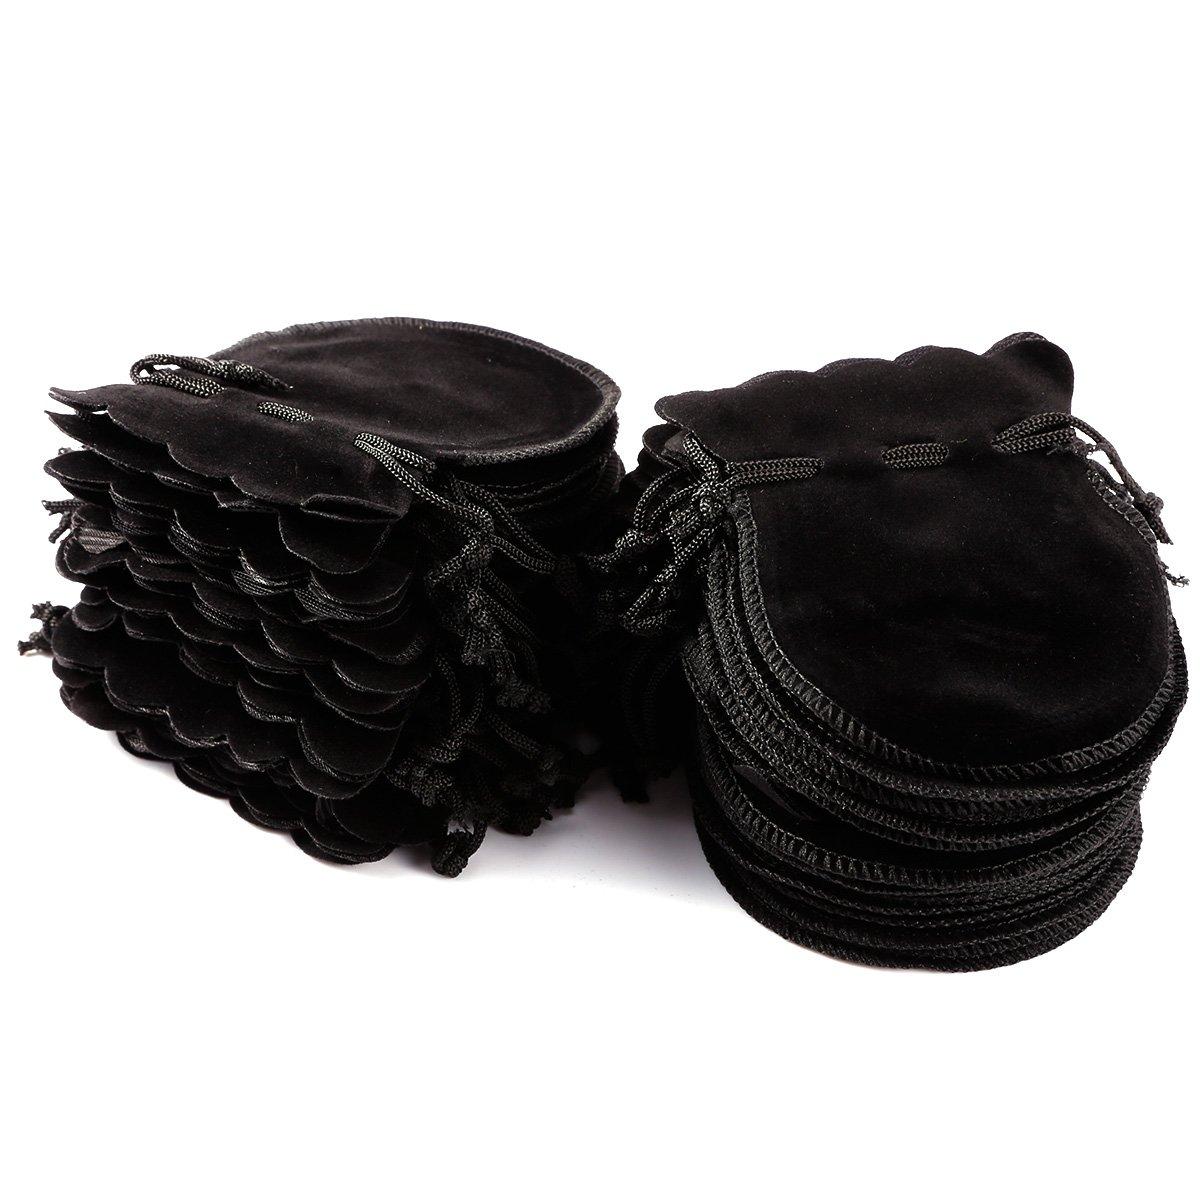 Surepromise 50 PCS Black Velvet Felt Jewellery Pouch Charms Bracelets Earrings Gift Bag